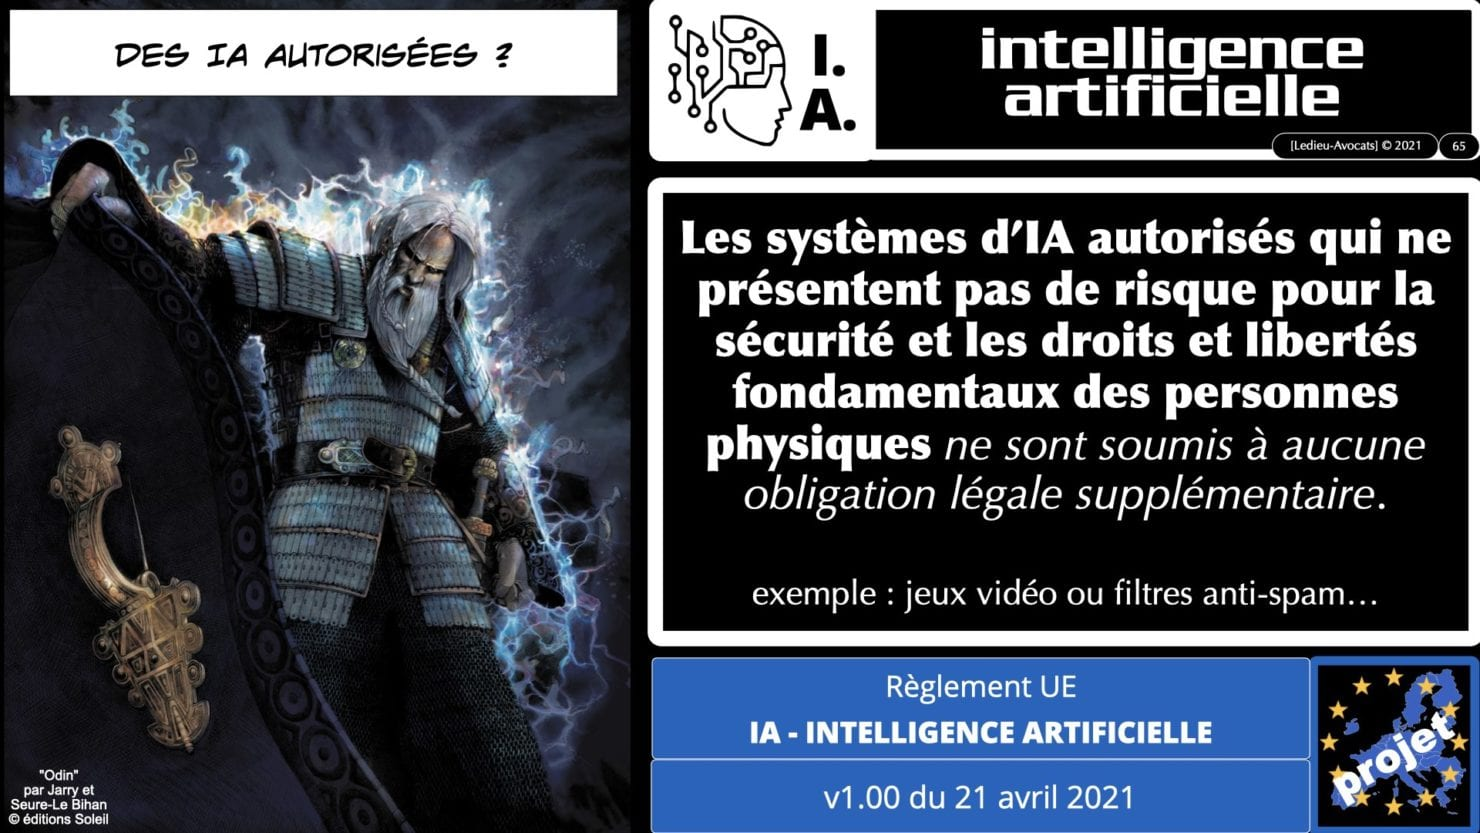 335 Intelligence Artificielle 2021 et AI Act [projet de Règlement UE] deep learning machine learning © Ledieu-Avocats 04-06-2021 *16:9*.065